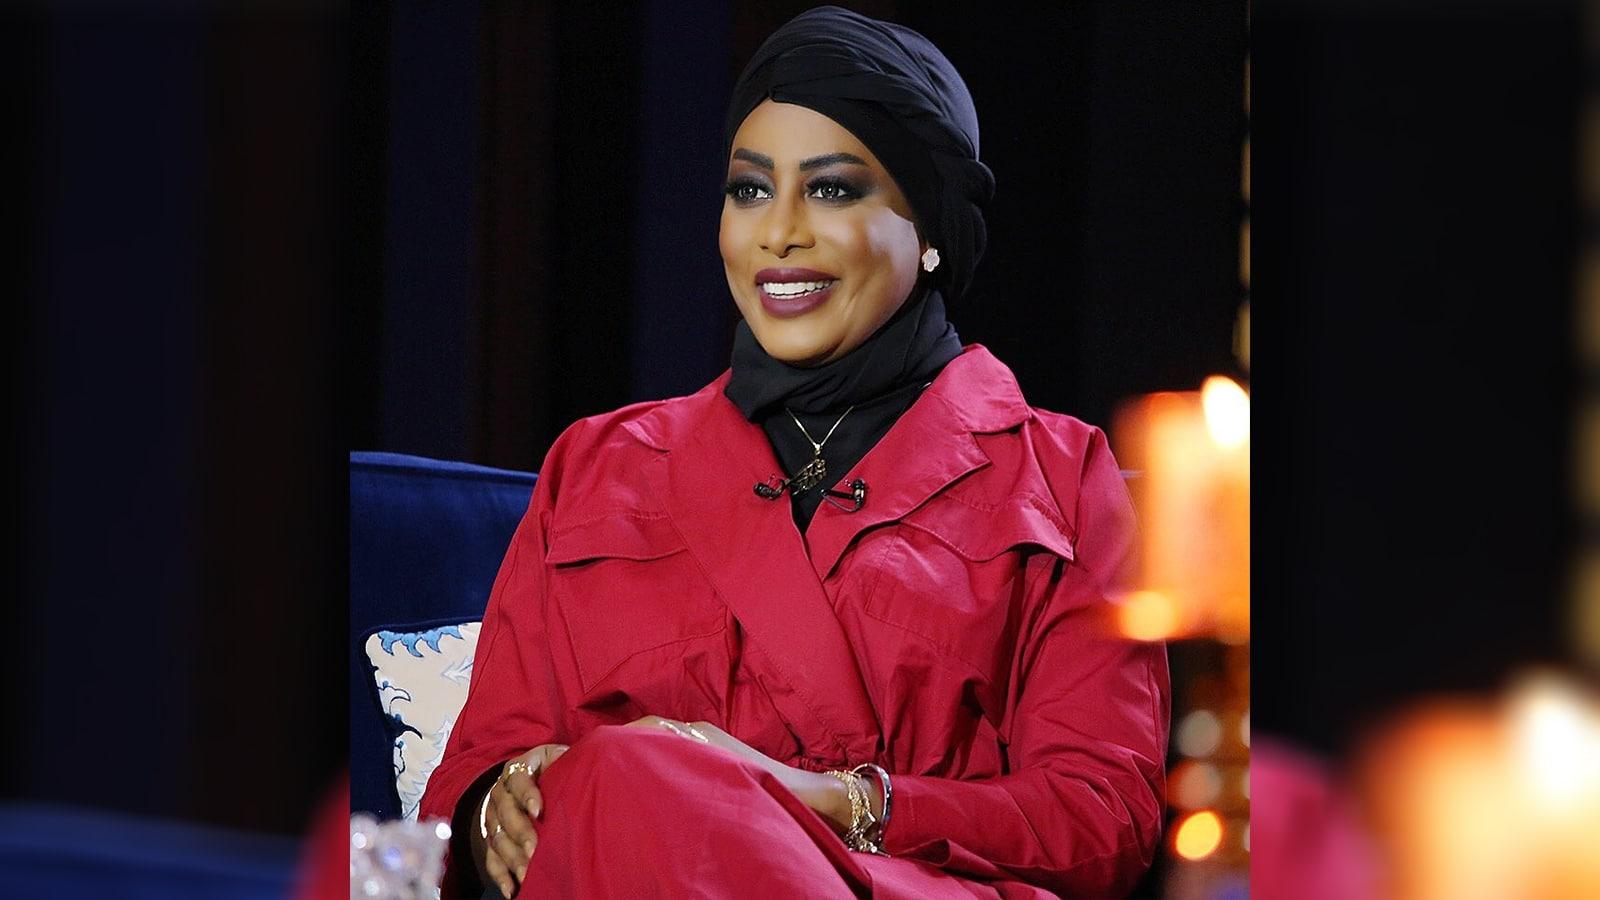 الإعلامية الكويتية إيمان نجم